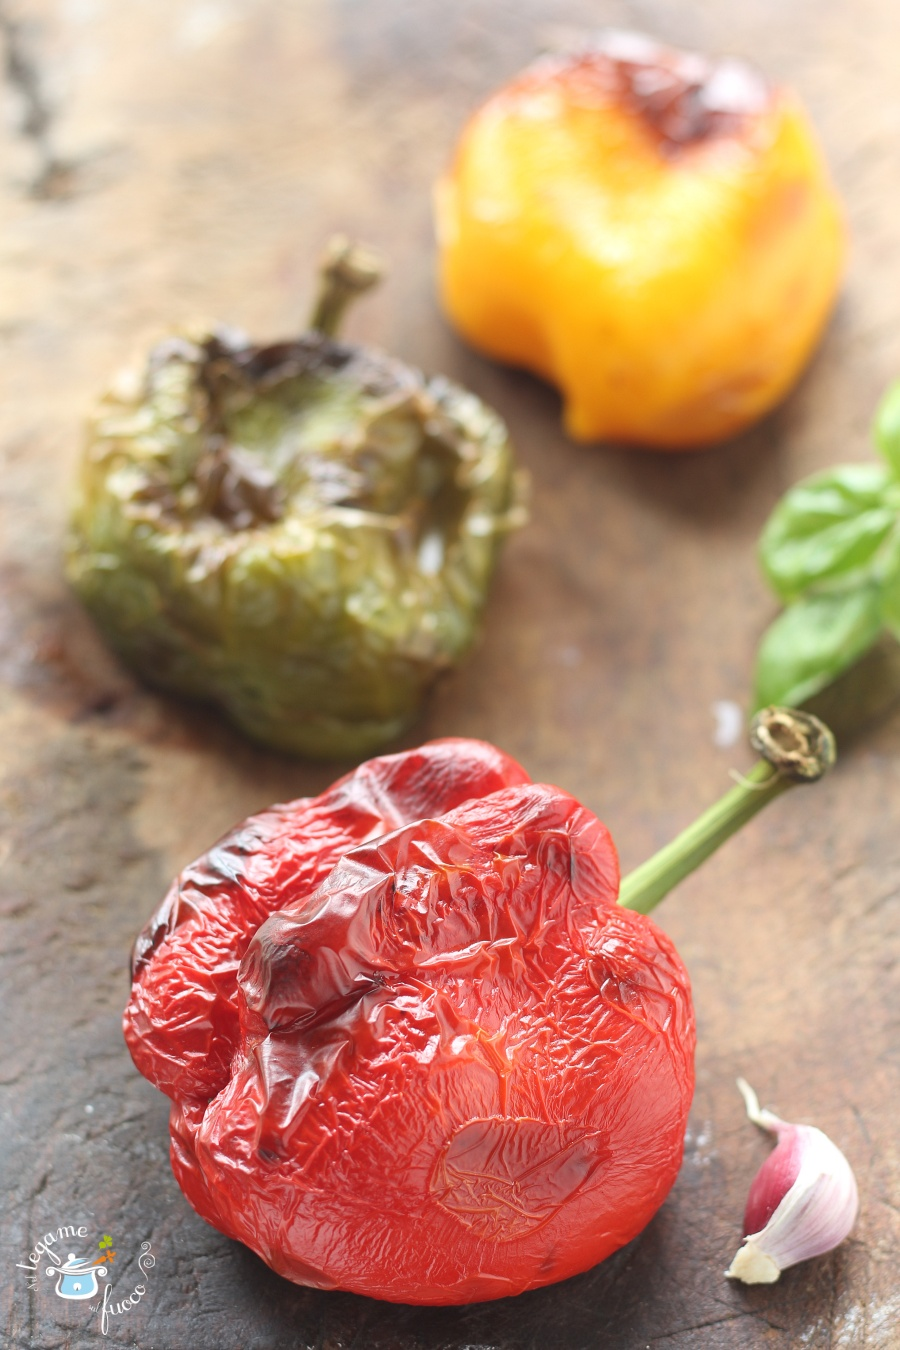 ricetta peperoni arrostiti nella friggitrice ad aria